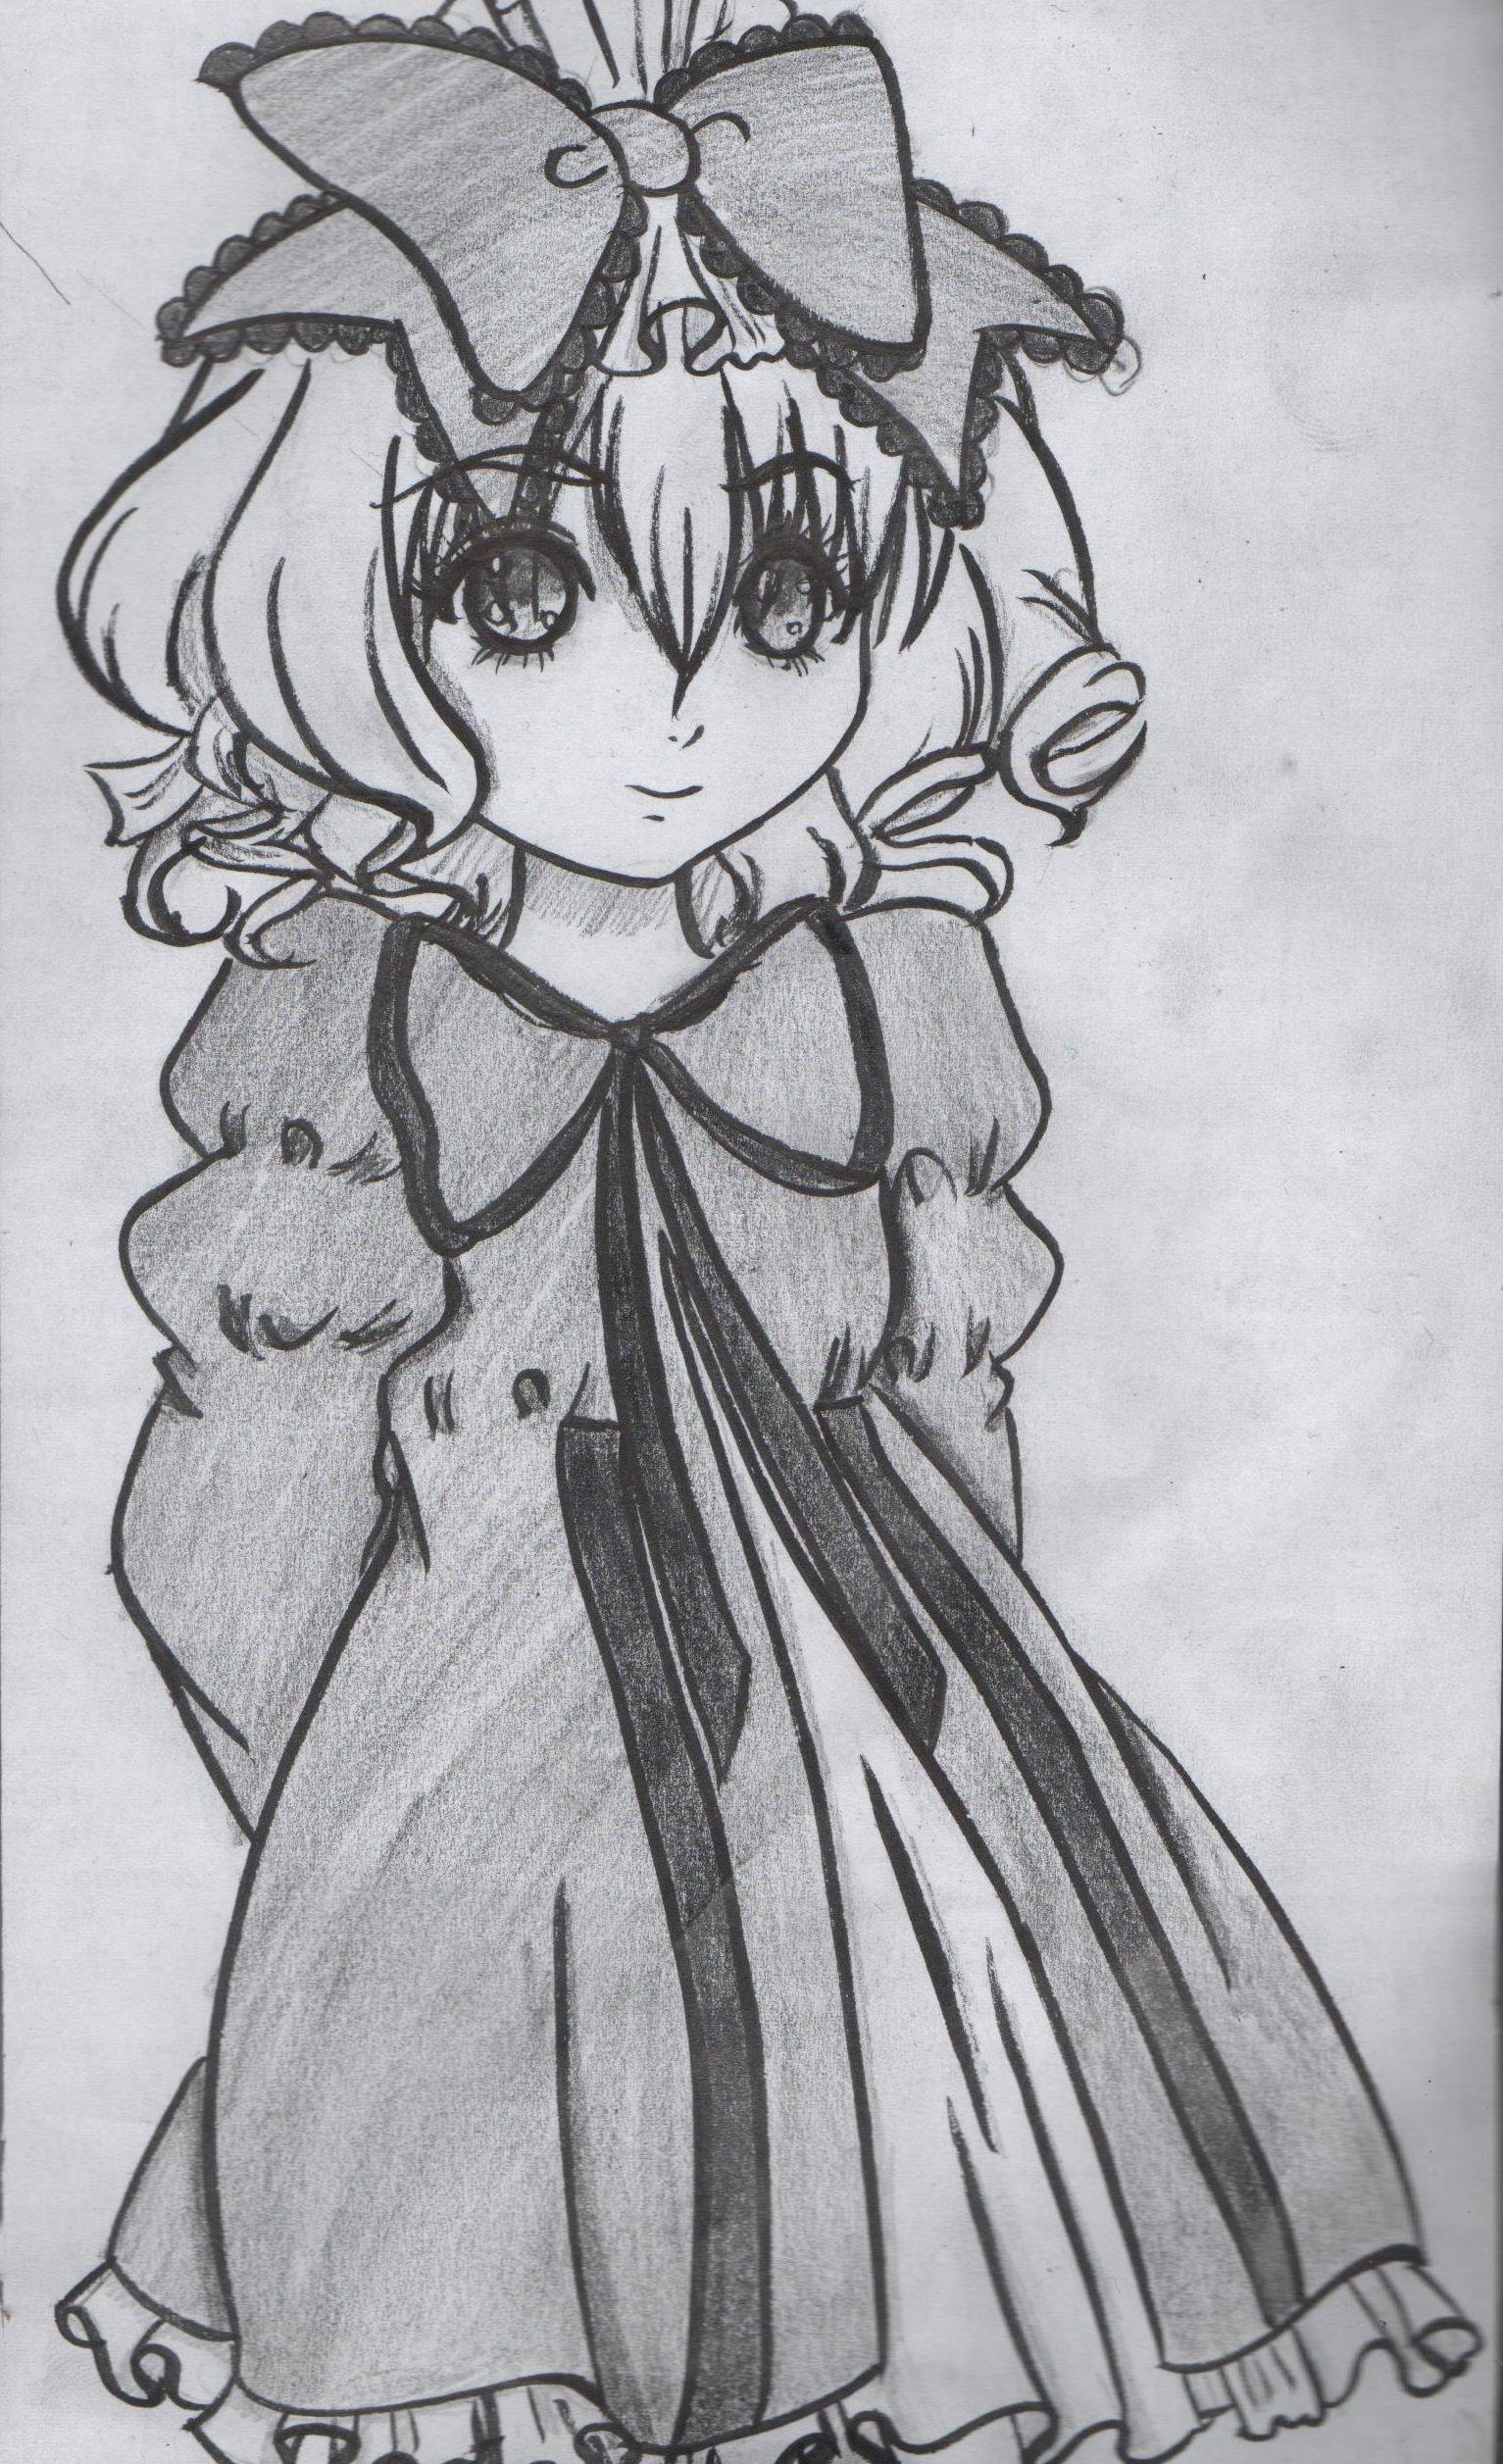 Hinaichigo Rozen Maide